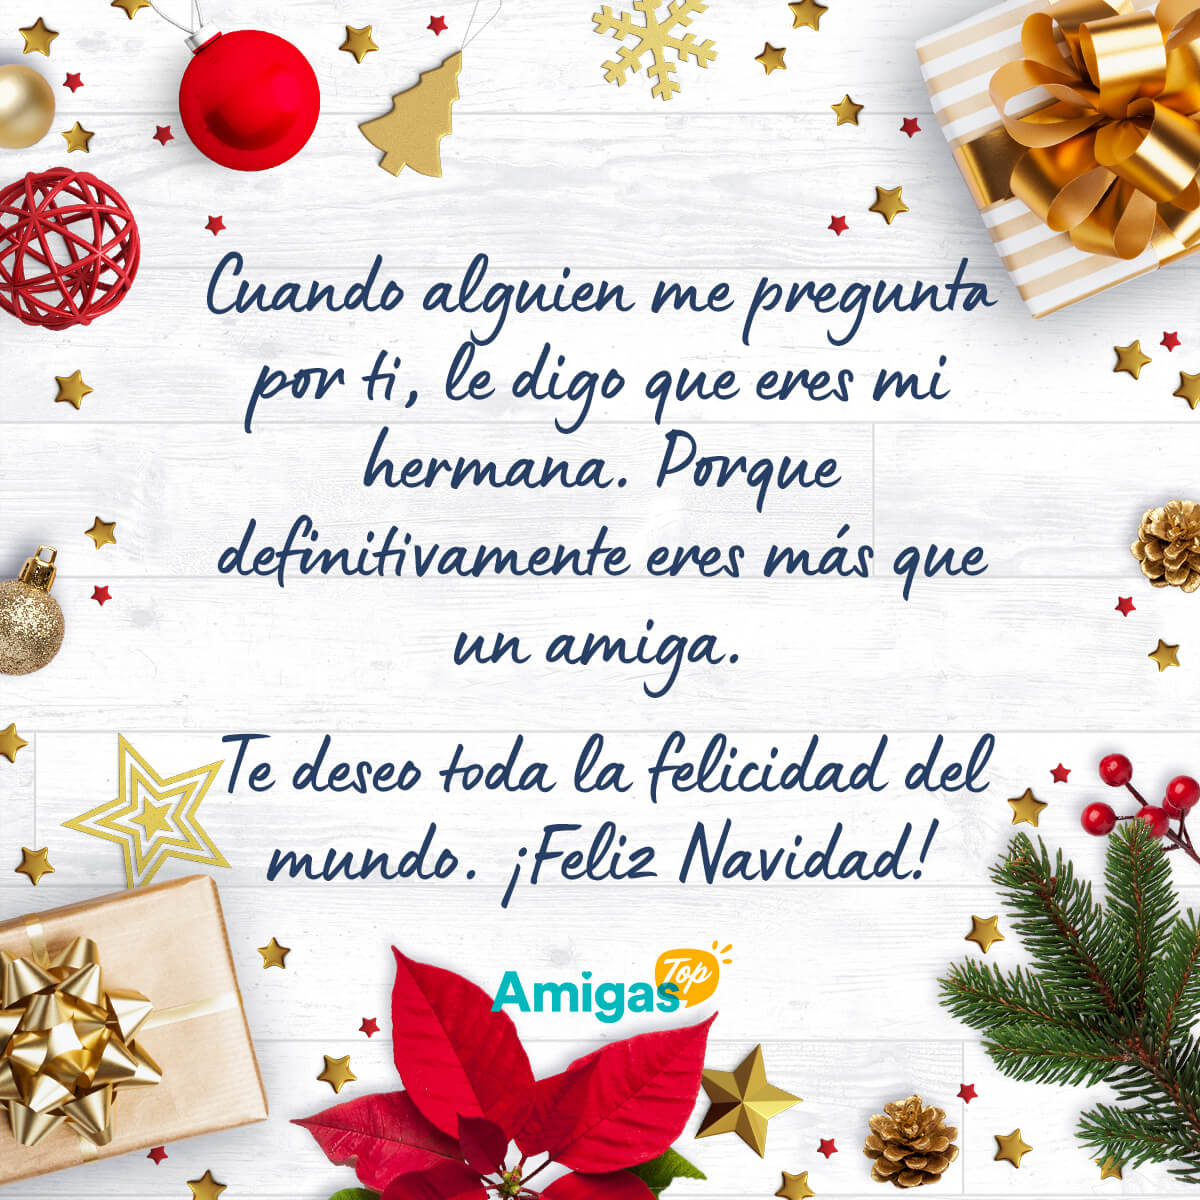 Imagen de Mensaje de Navidad bonito para una amiga